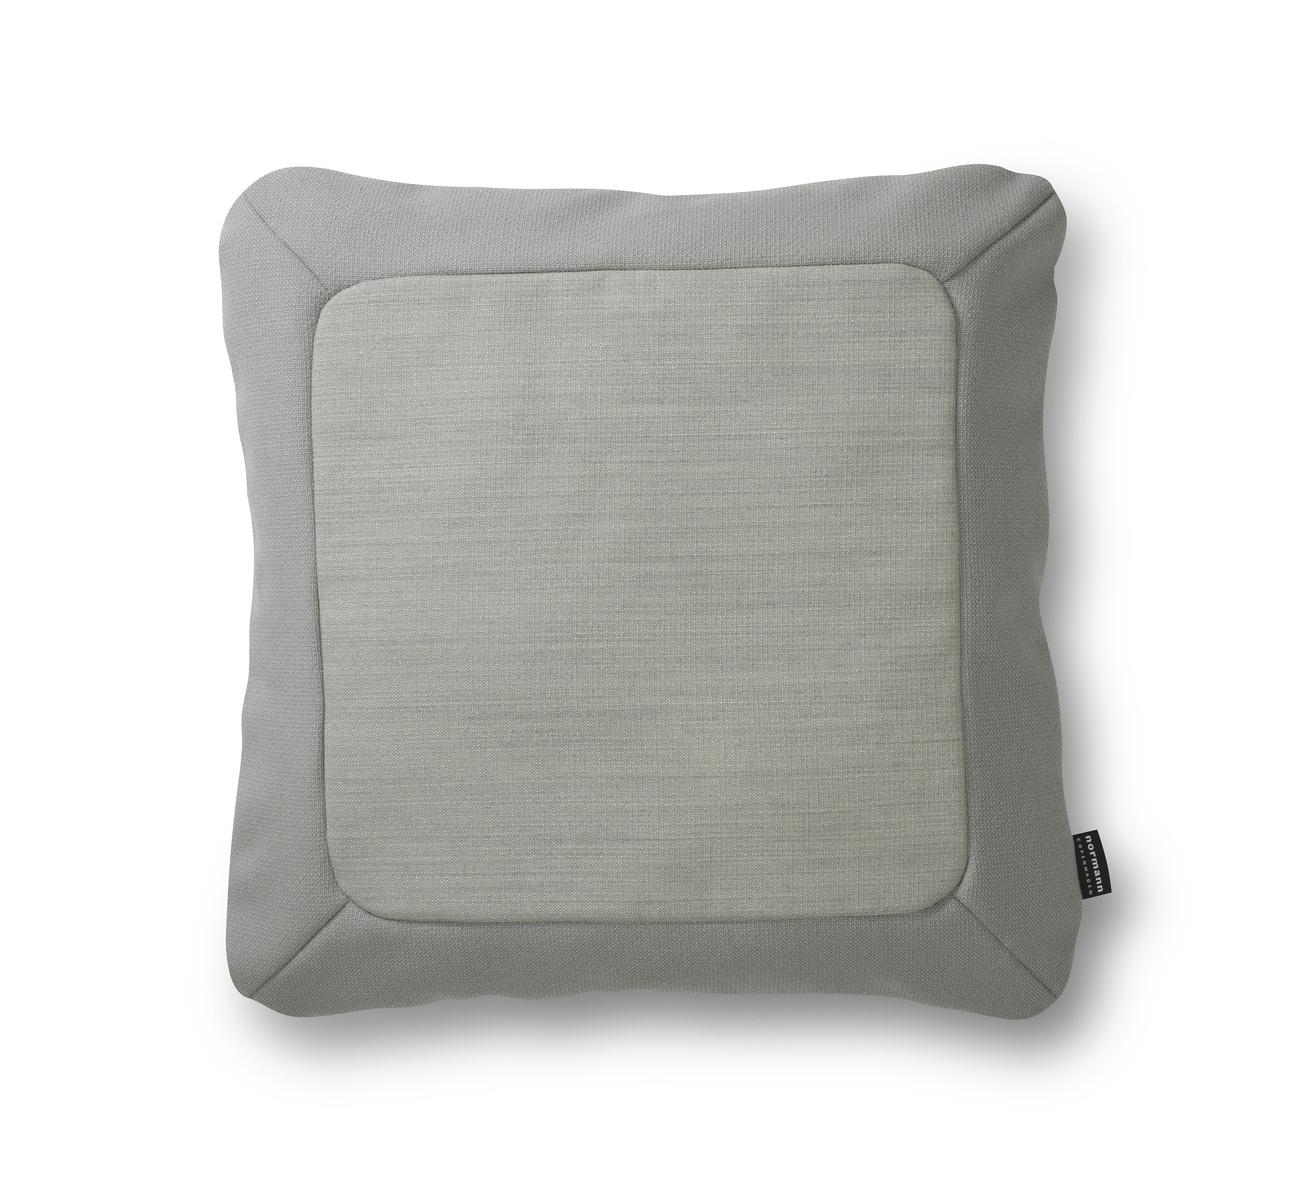 Normann Coppenhagen Polštářek Frame 50 x 50 cm, měkce šedý